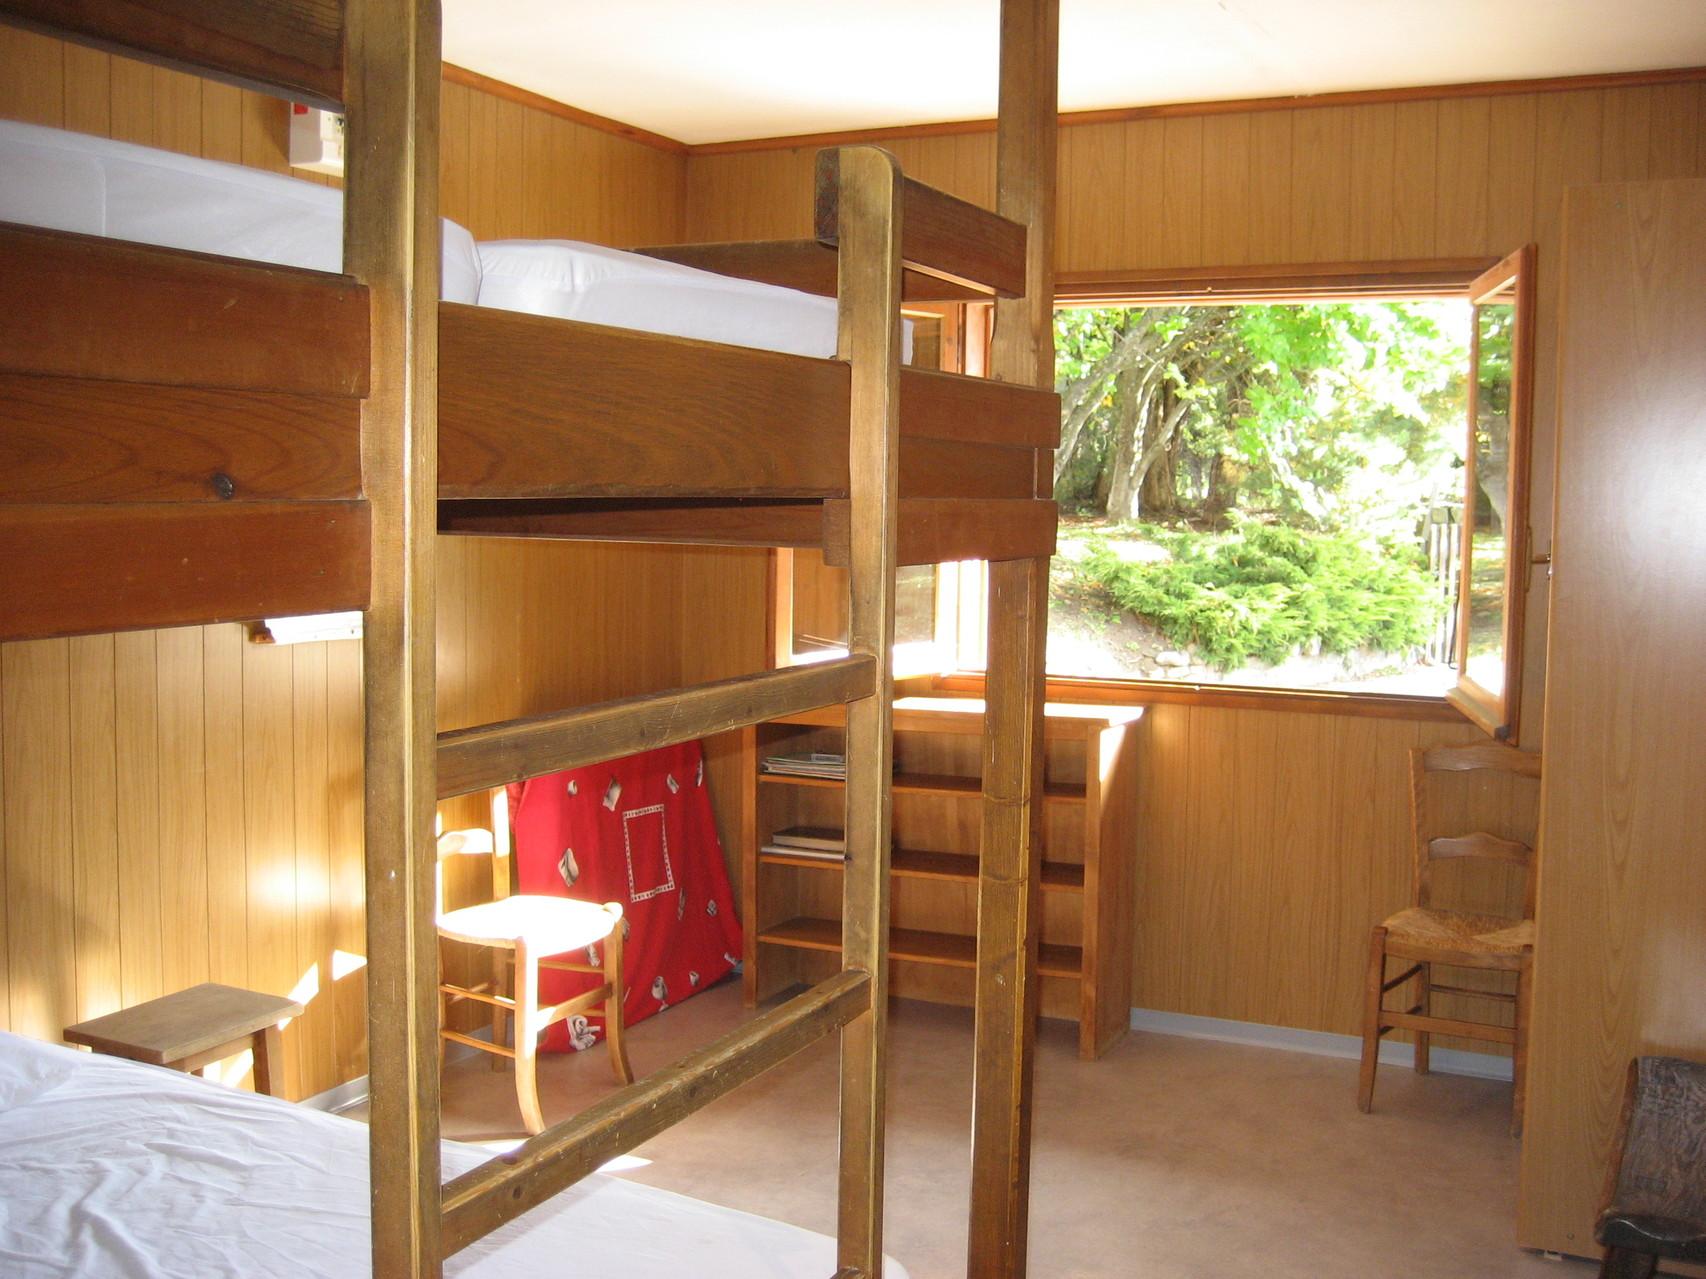 Chambre enfants 2 lits superposés gigognes soit 6 couchages [Chalet Aspones - Font-Romeu]